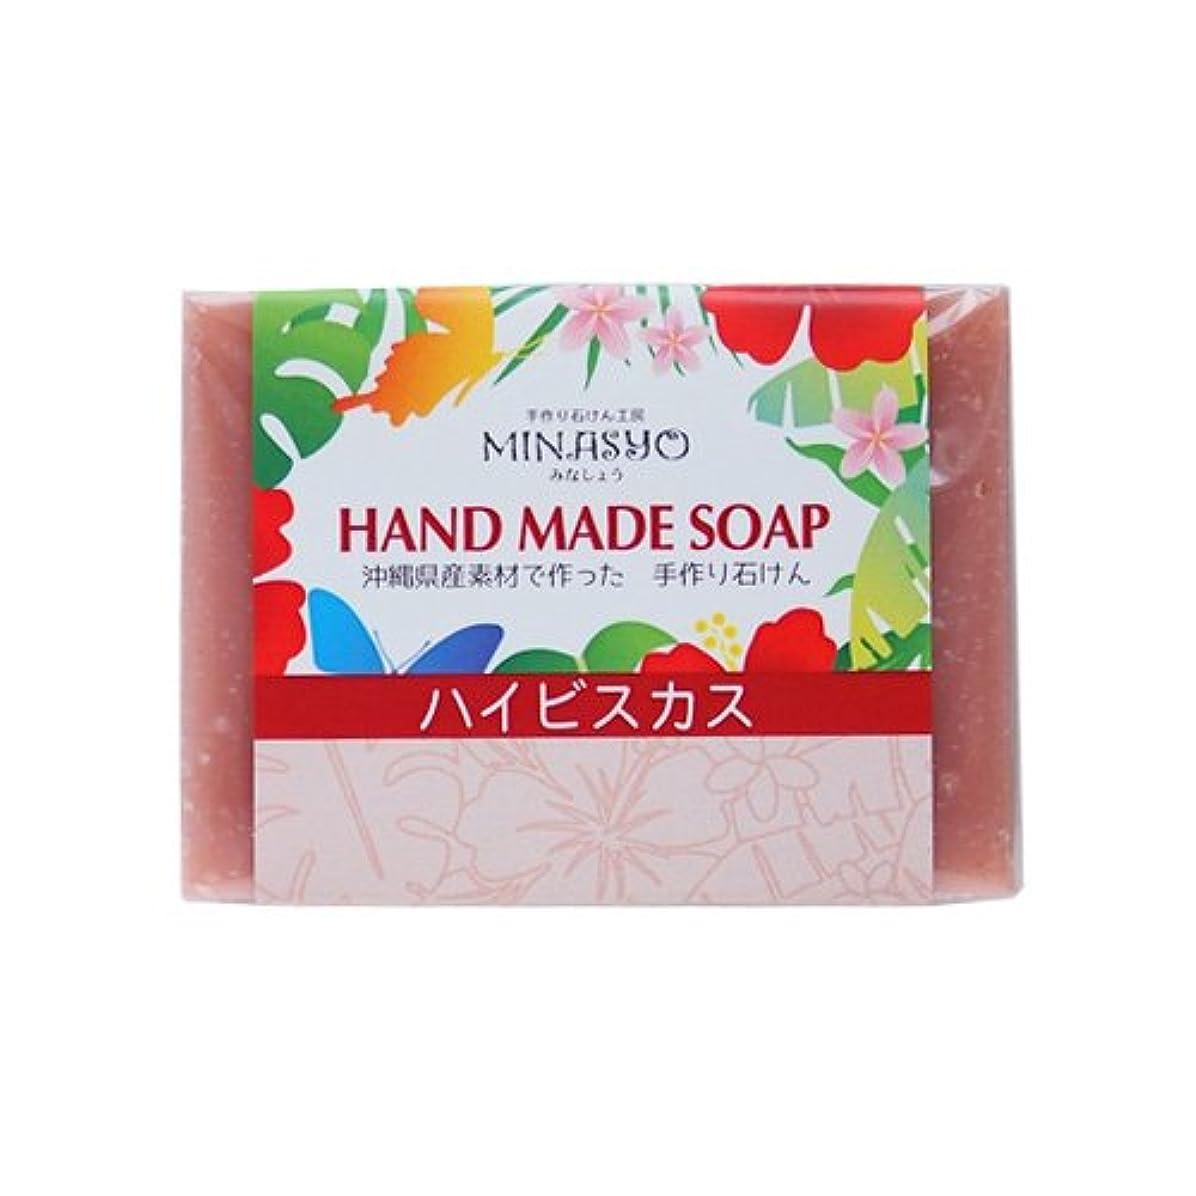 コンサートコンサート打ち負かすピンククレイ 洗顔石鹸 無添加 固形 毛穴ケア 手作りローゼル石鹸